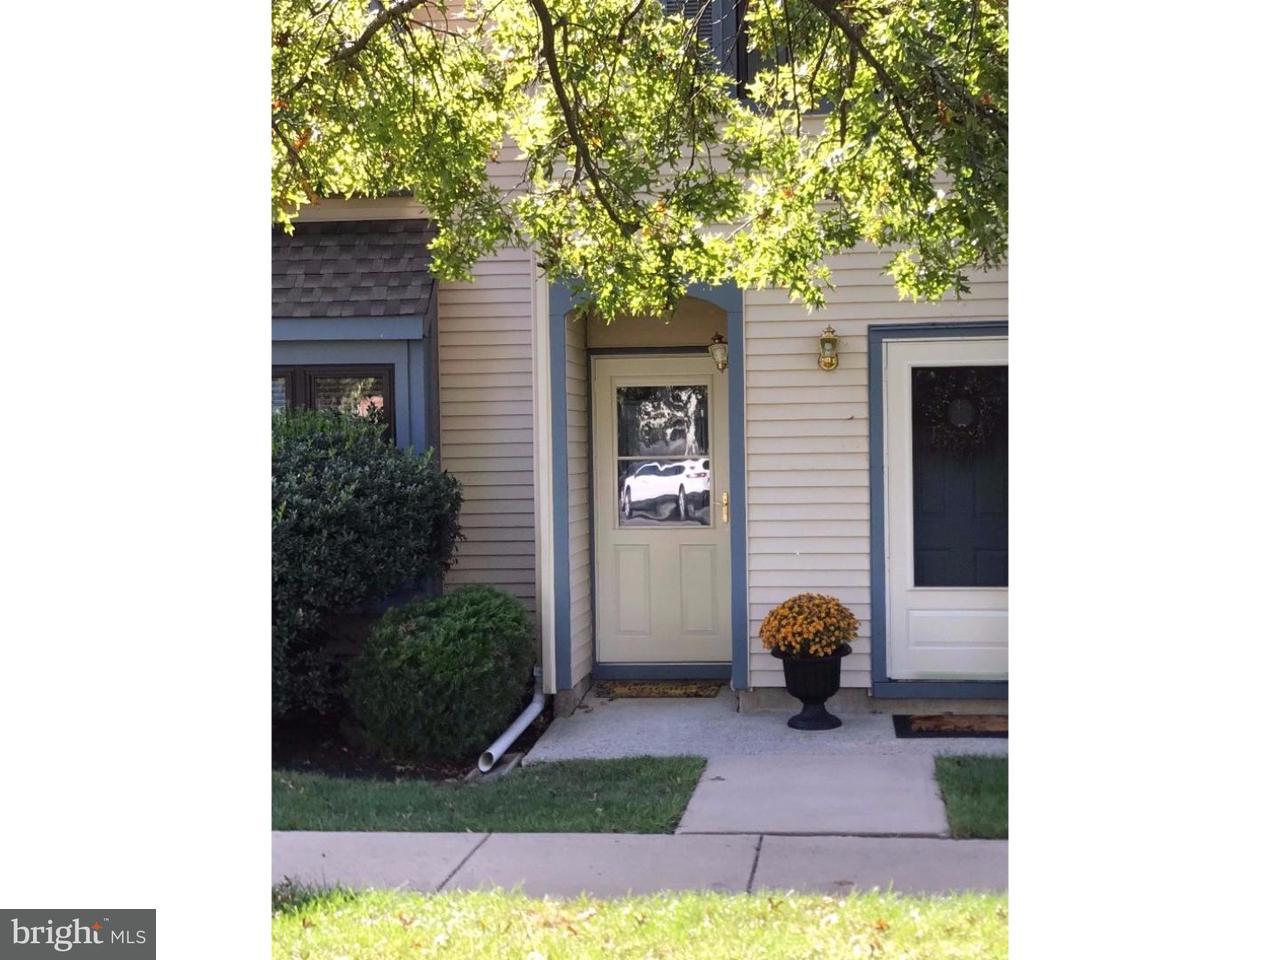 Частный односемейный дом для того Аренда на 40 WYNDHAM Place Robbinsville, Нью-Джерси 08691 Соединенные ШтатыВ/Около: Robbinsville Township